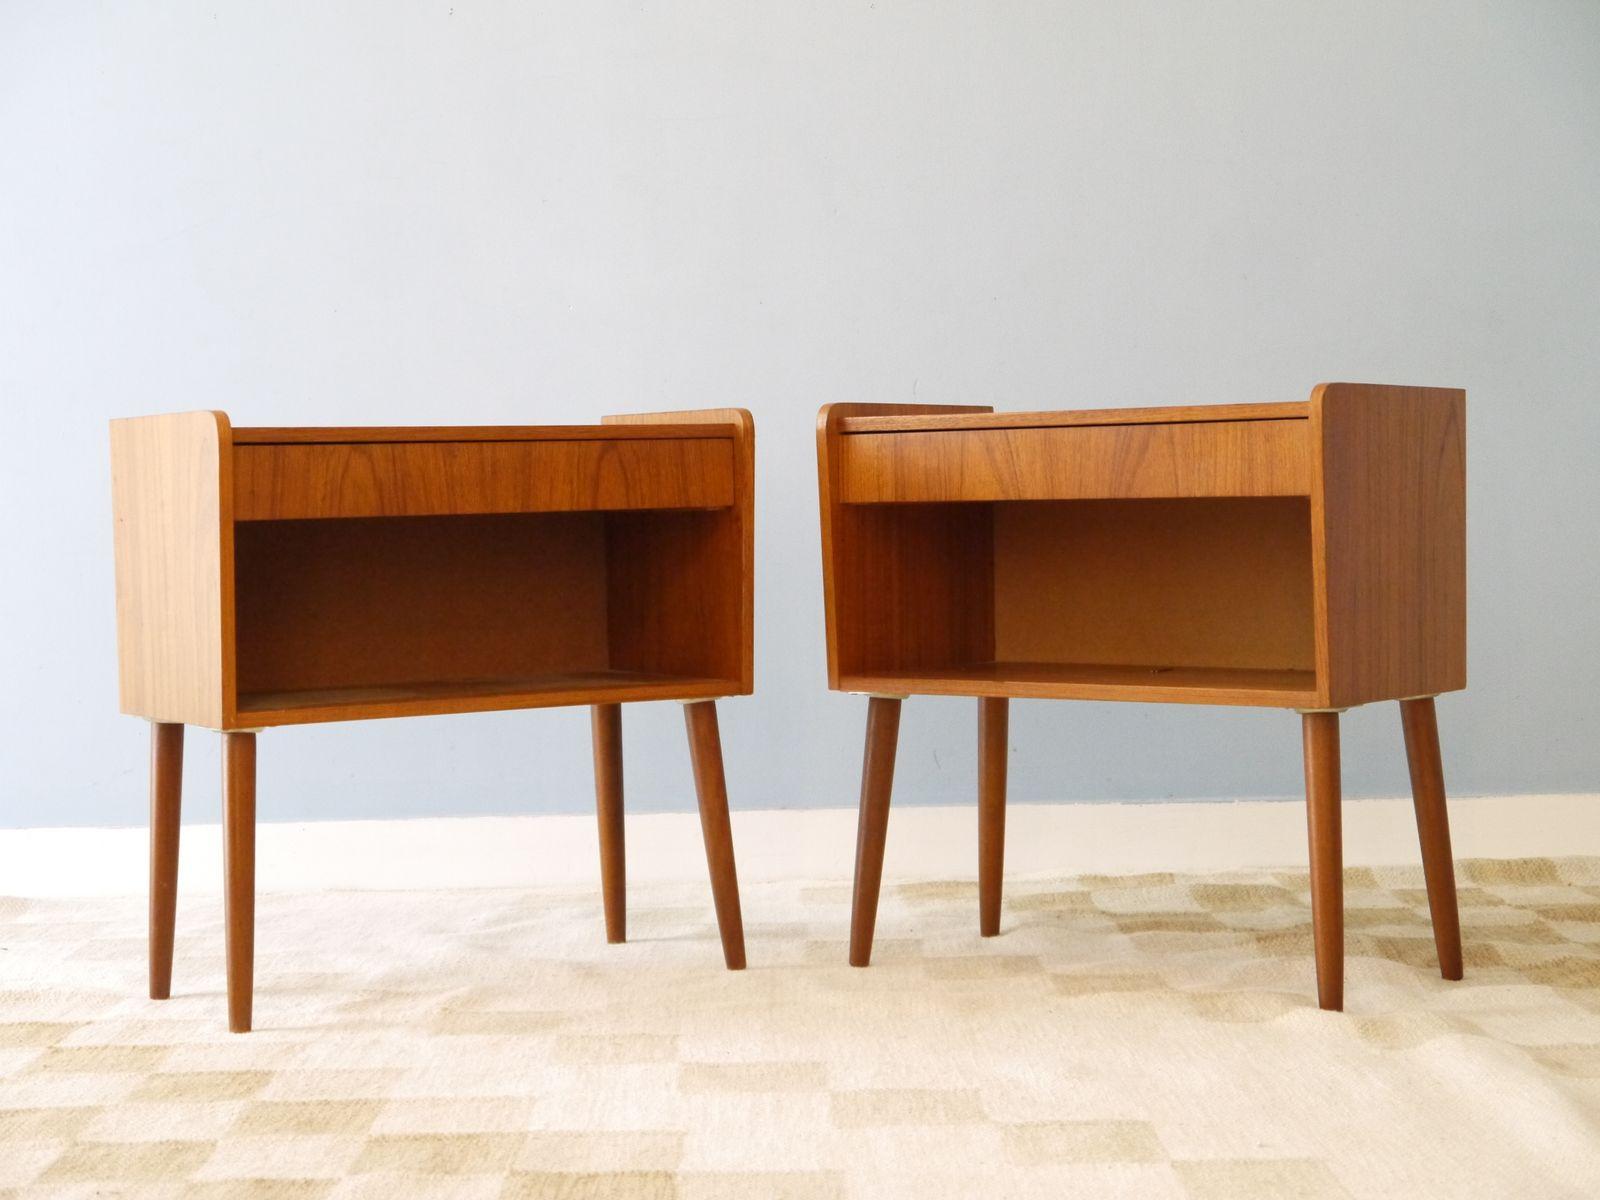 Vintage bedside table ideas - Swedish Vintage Bedside Tables 1960s Set Of 2